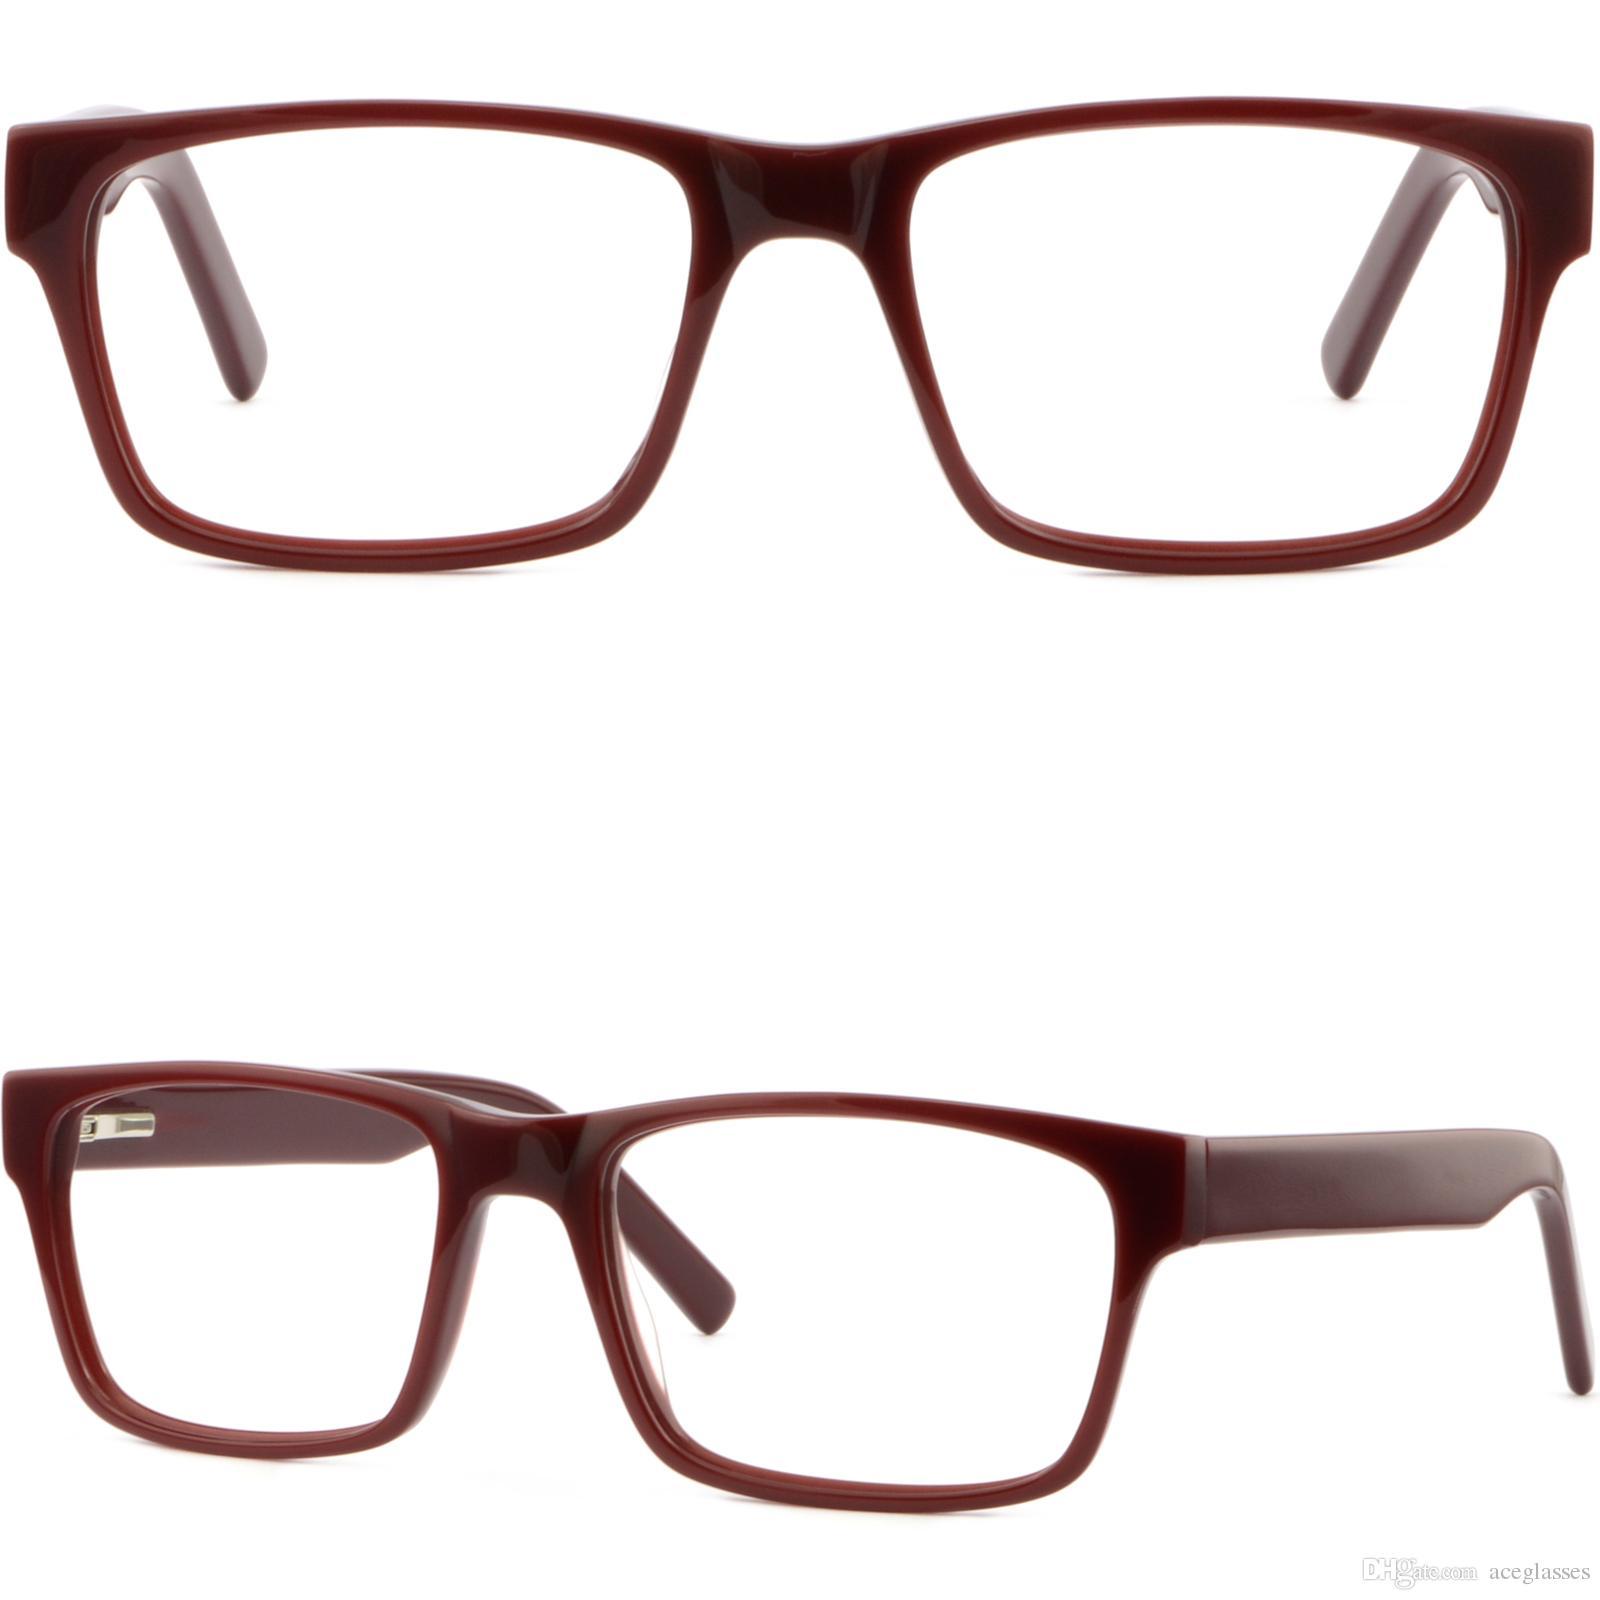 4d6c1d31746 Full Rim Women Men Plastic Frames Rectangle Glasses Sunglasses Spring  Hinges Red Alain Mikli Eyeglass Frames Cheap Eyeglasses Frames Online From  Aceglasses